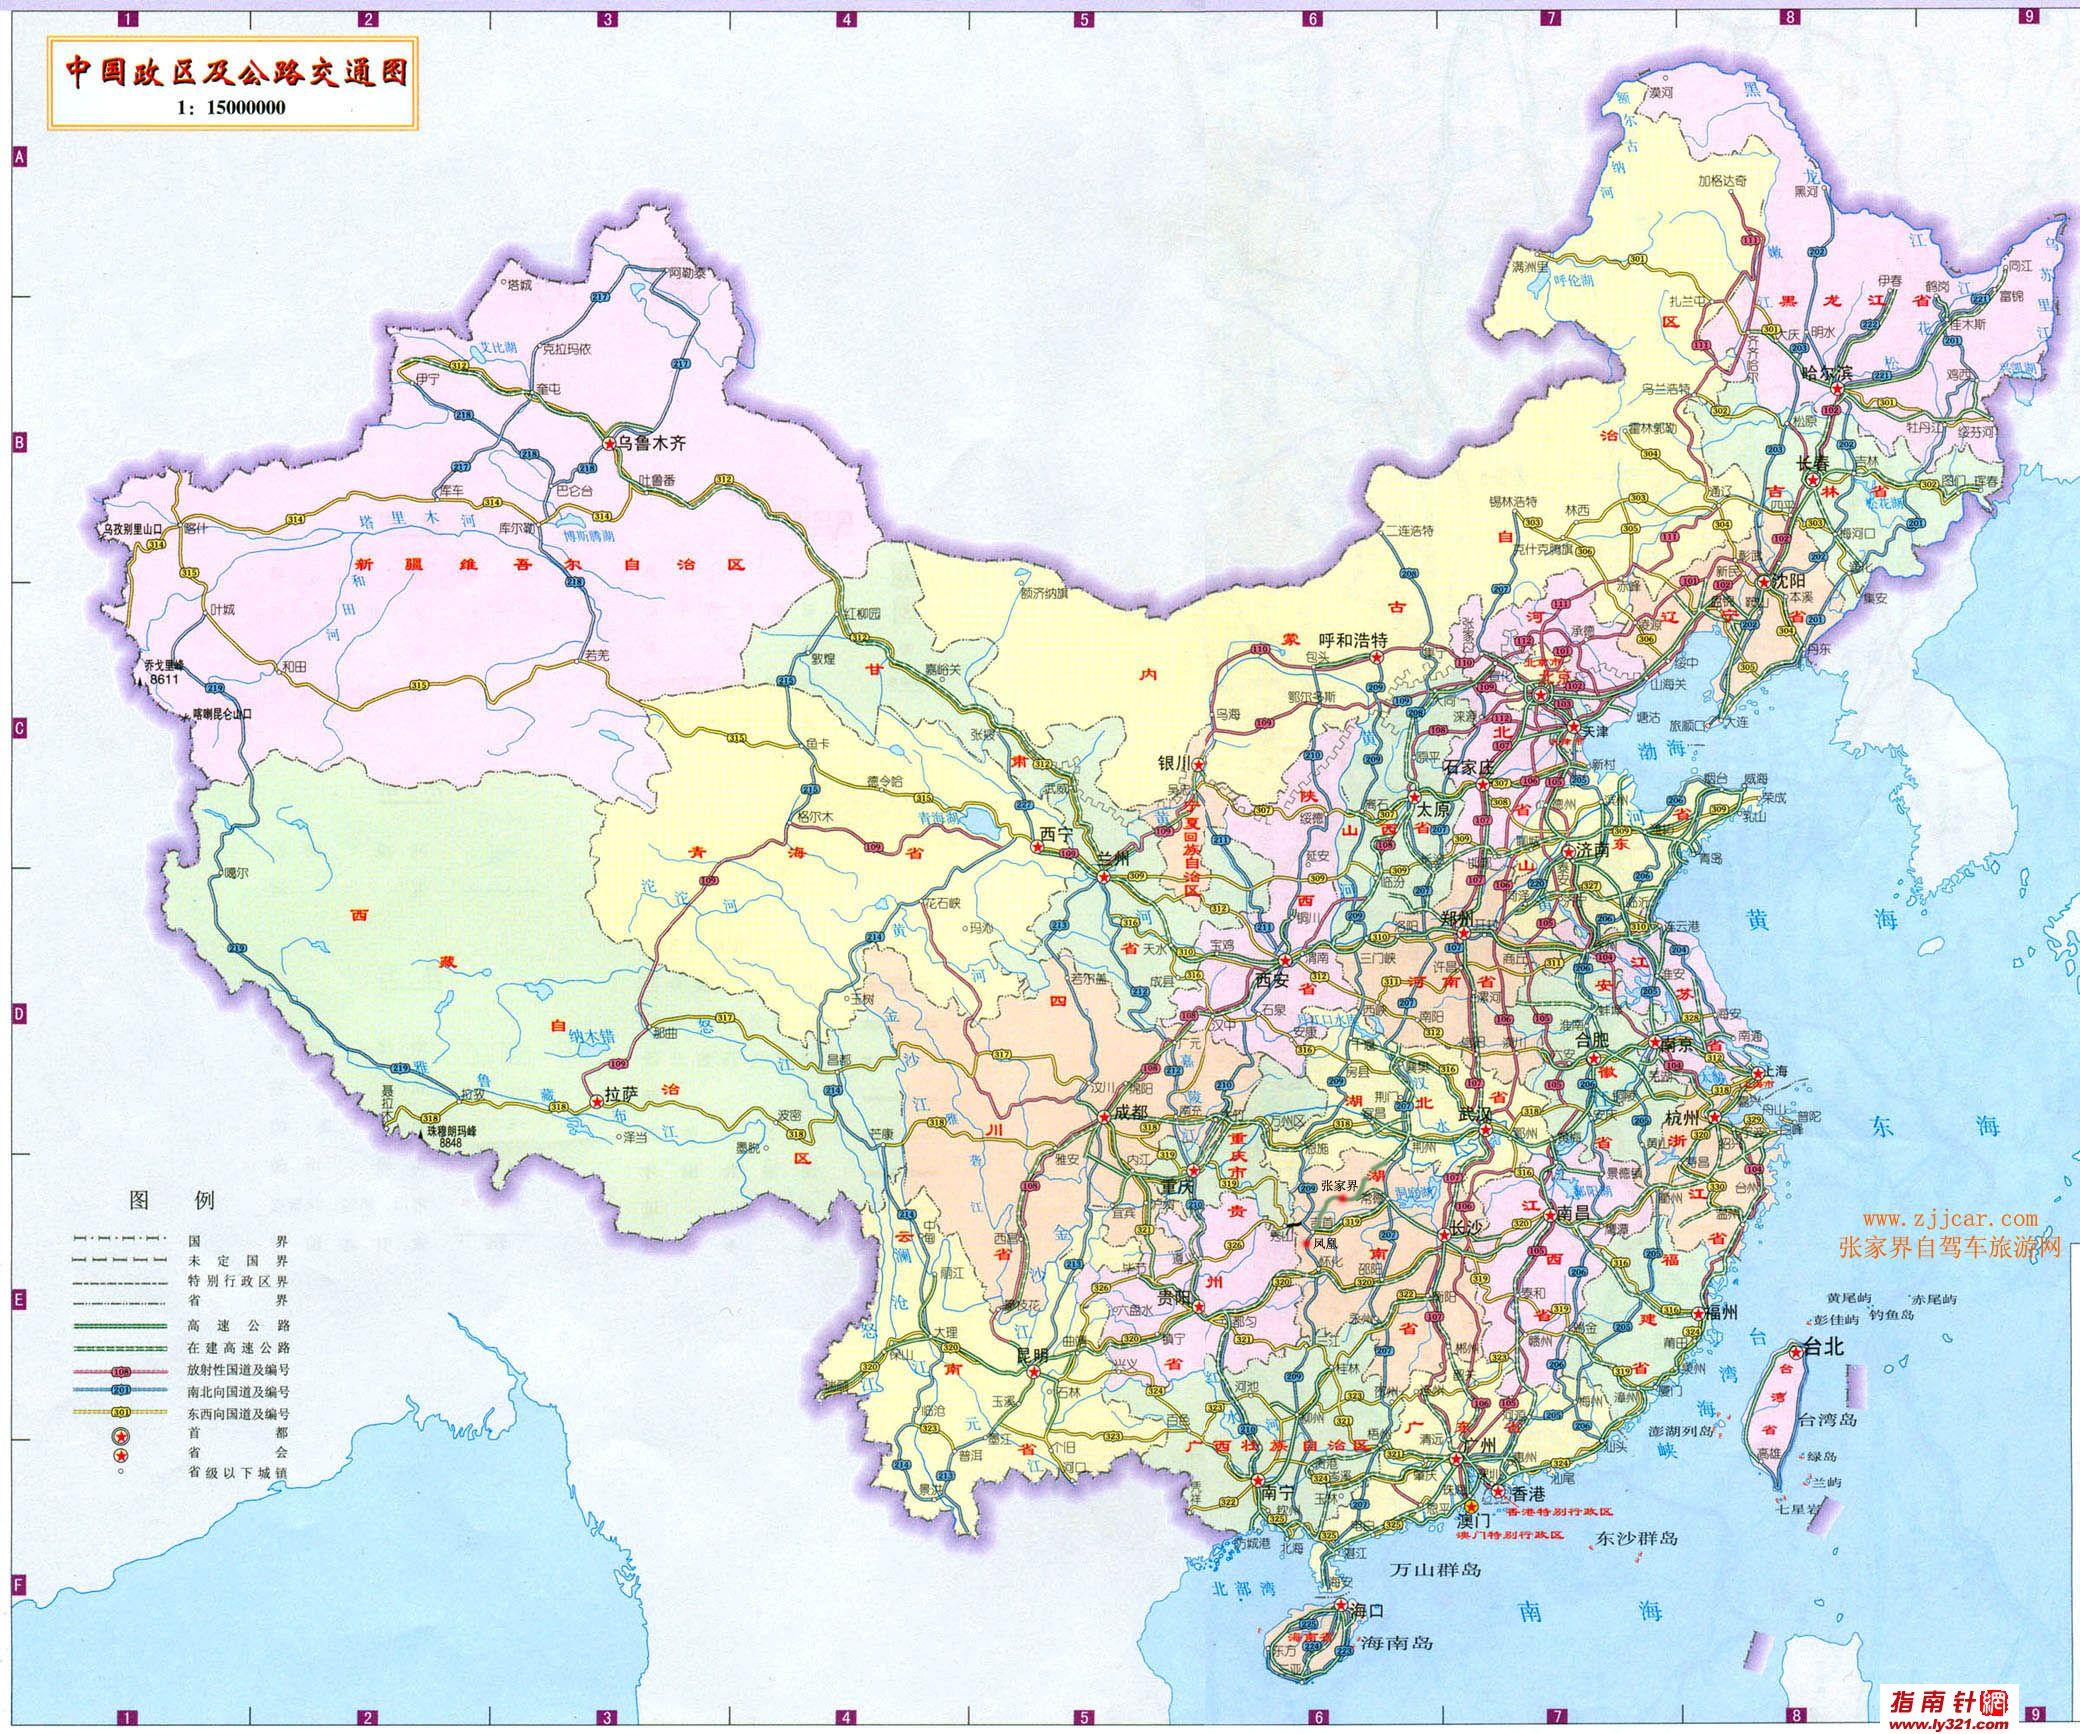 全国铁路地图全图图片 全国铁路地图全图大图,全国铁路地图.